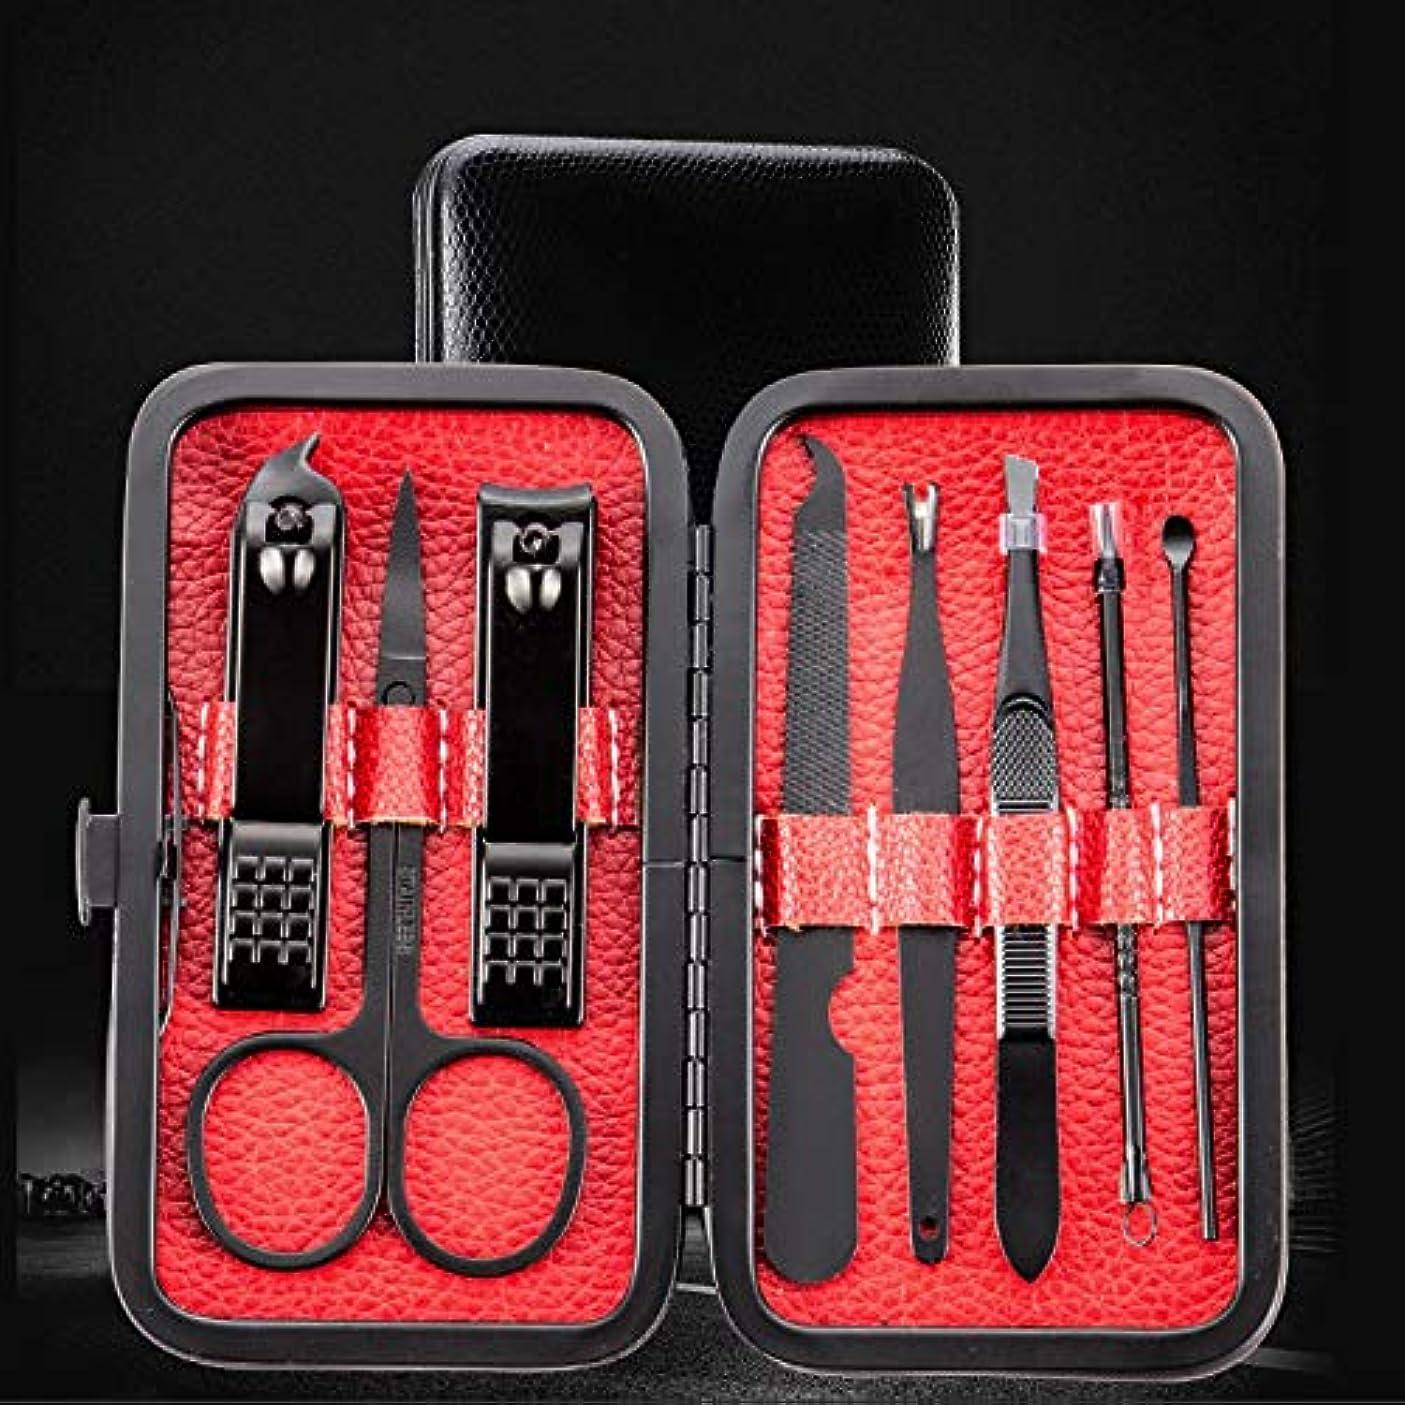 運動レシピシガレット15本のネイルツールセットの美容セットマニキュアナイフ用に設定されたステンレス鋼ネイルハサミはカスタマイズ可能